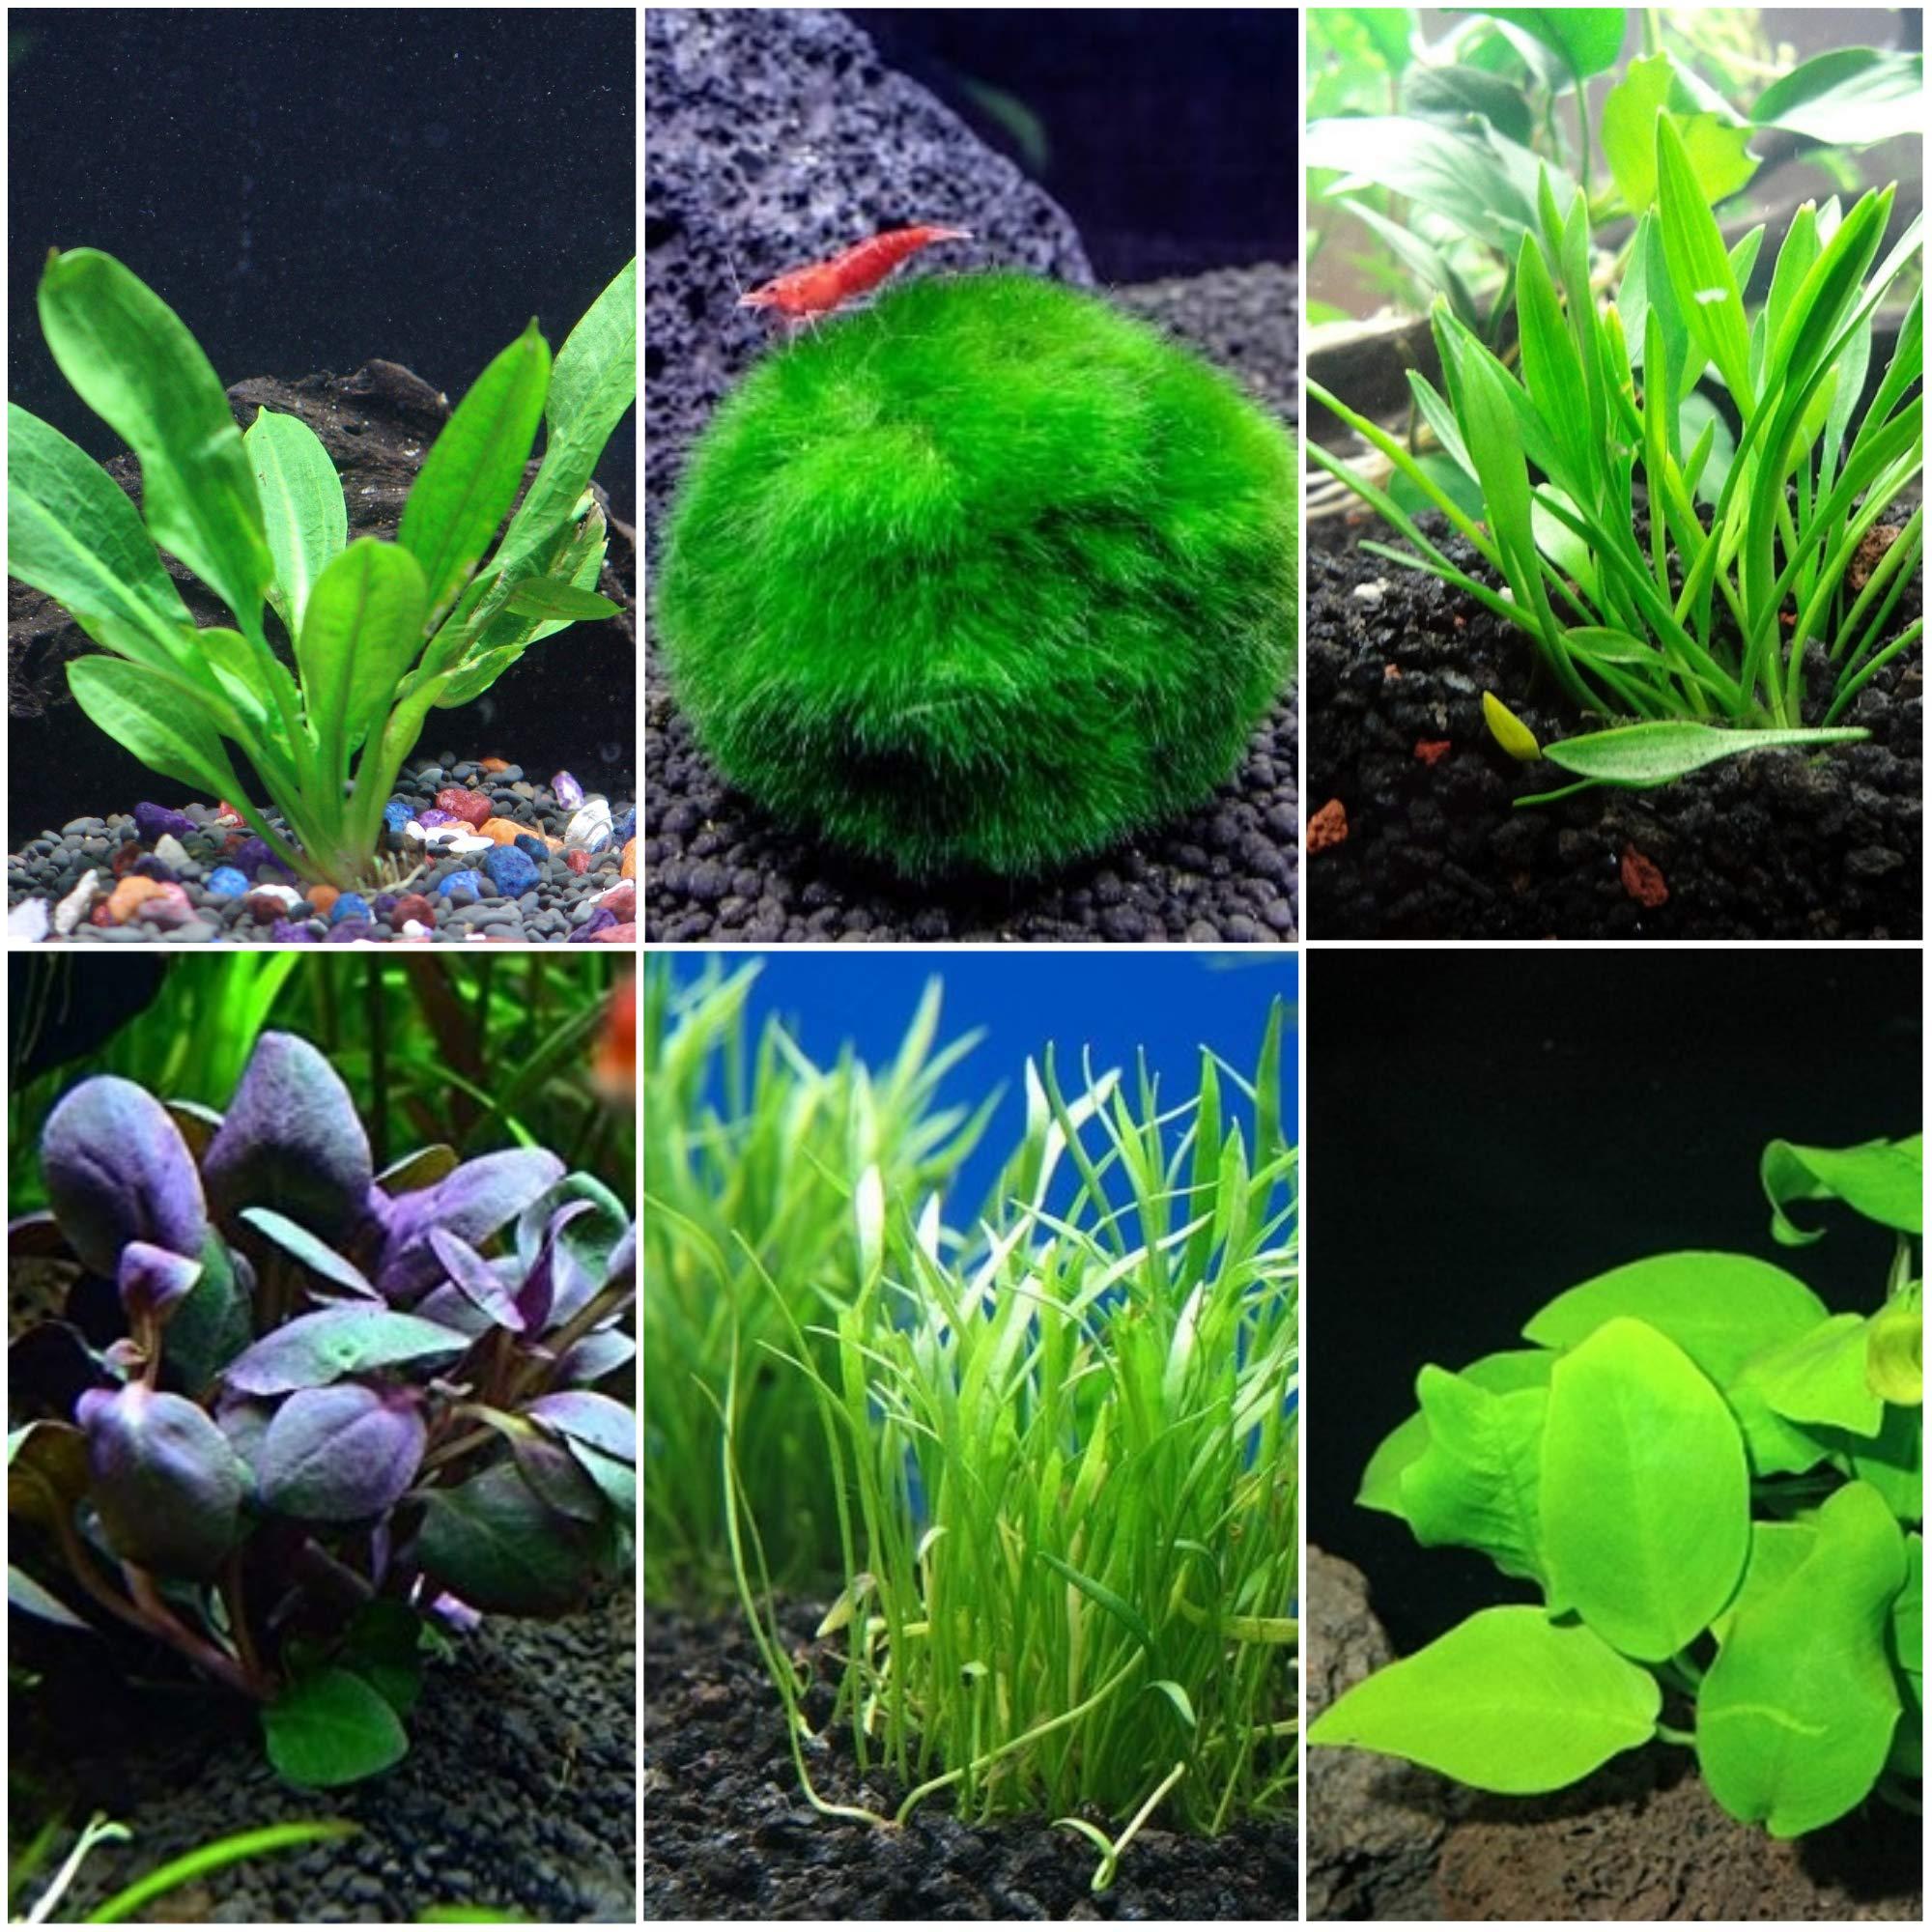 Nano Aquarium Plant Bundle for Small Aquariums - 1-5 Gallon Aquariums by AquaLeaf Aquatics